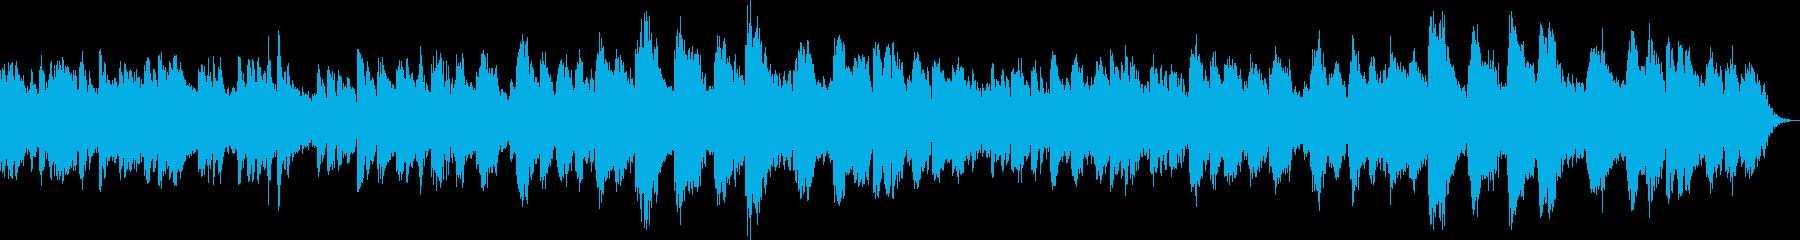 感動的な温かいメロディーリラックス...の再生済みの波形